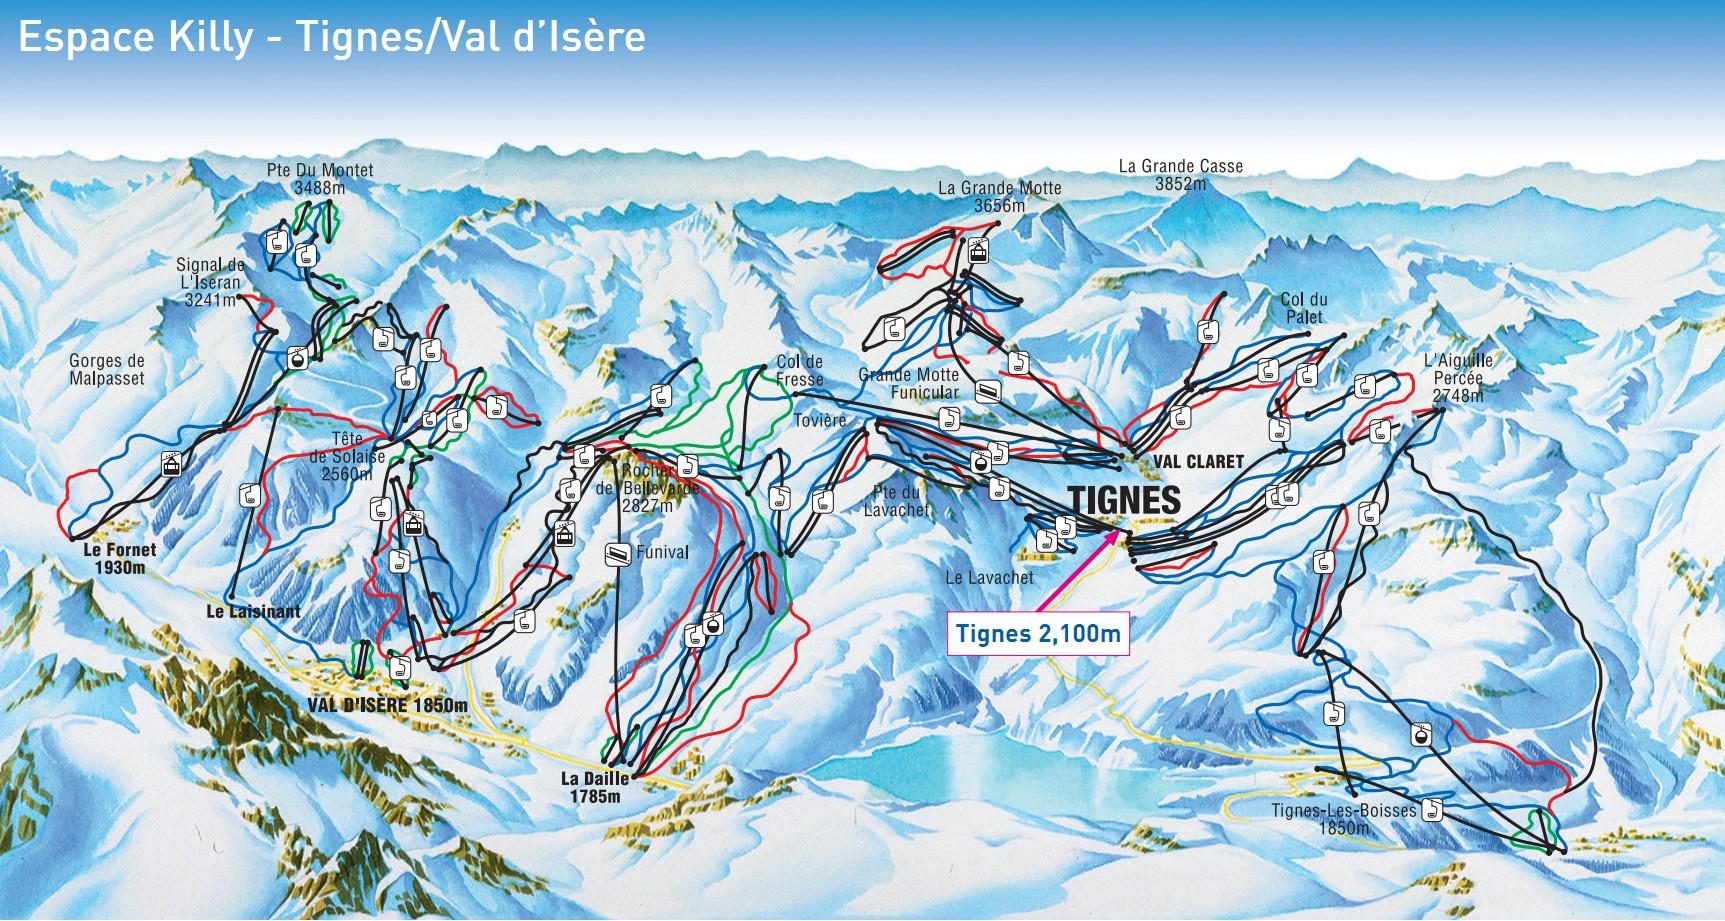 http://skitours.com.ua/sites/default/files/images/resorts/France/La-Grande-Motte/La-Grande-Motte-Map.jpg